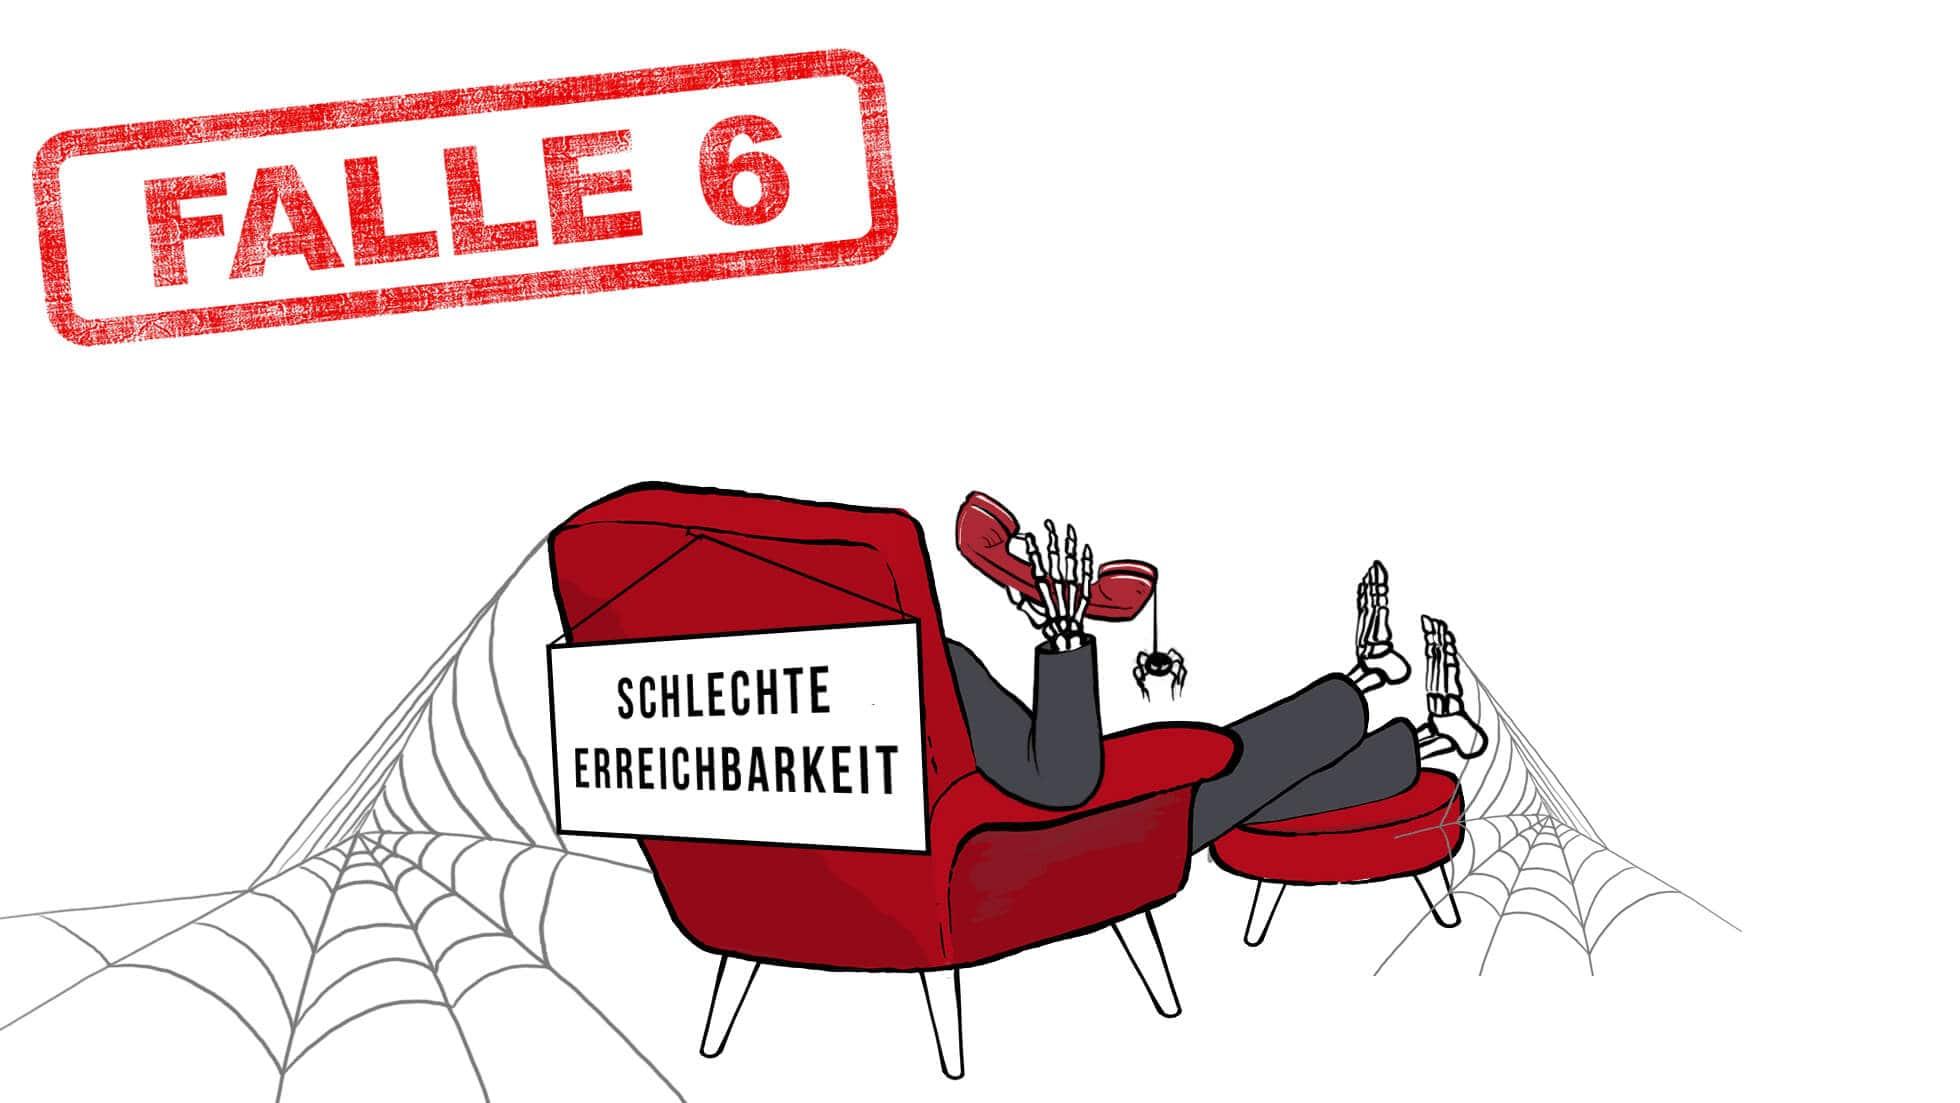 """Stromvergleich Falle 6: Der Verbraucher ist ein Skelett und sitzt mit dem Rücken zum Betrachter in einem roten Sessel, der von zwei Spinnweben umgeben ist. In der rechten Hand hält der Verbraucher einen roten Telefonhörer, von dem eine Spinner herab hängt. Am Sesselrücken hängt ein Schild: """"Schlechte Erreichbarkeit""""."""